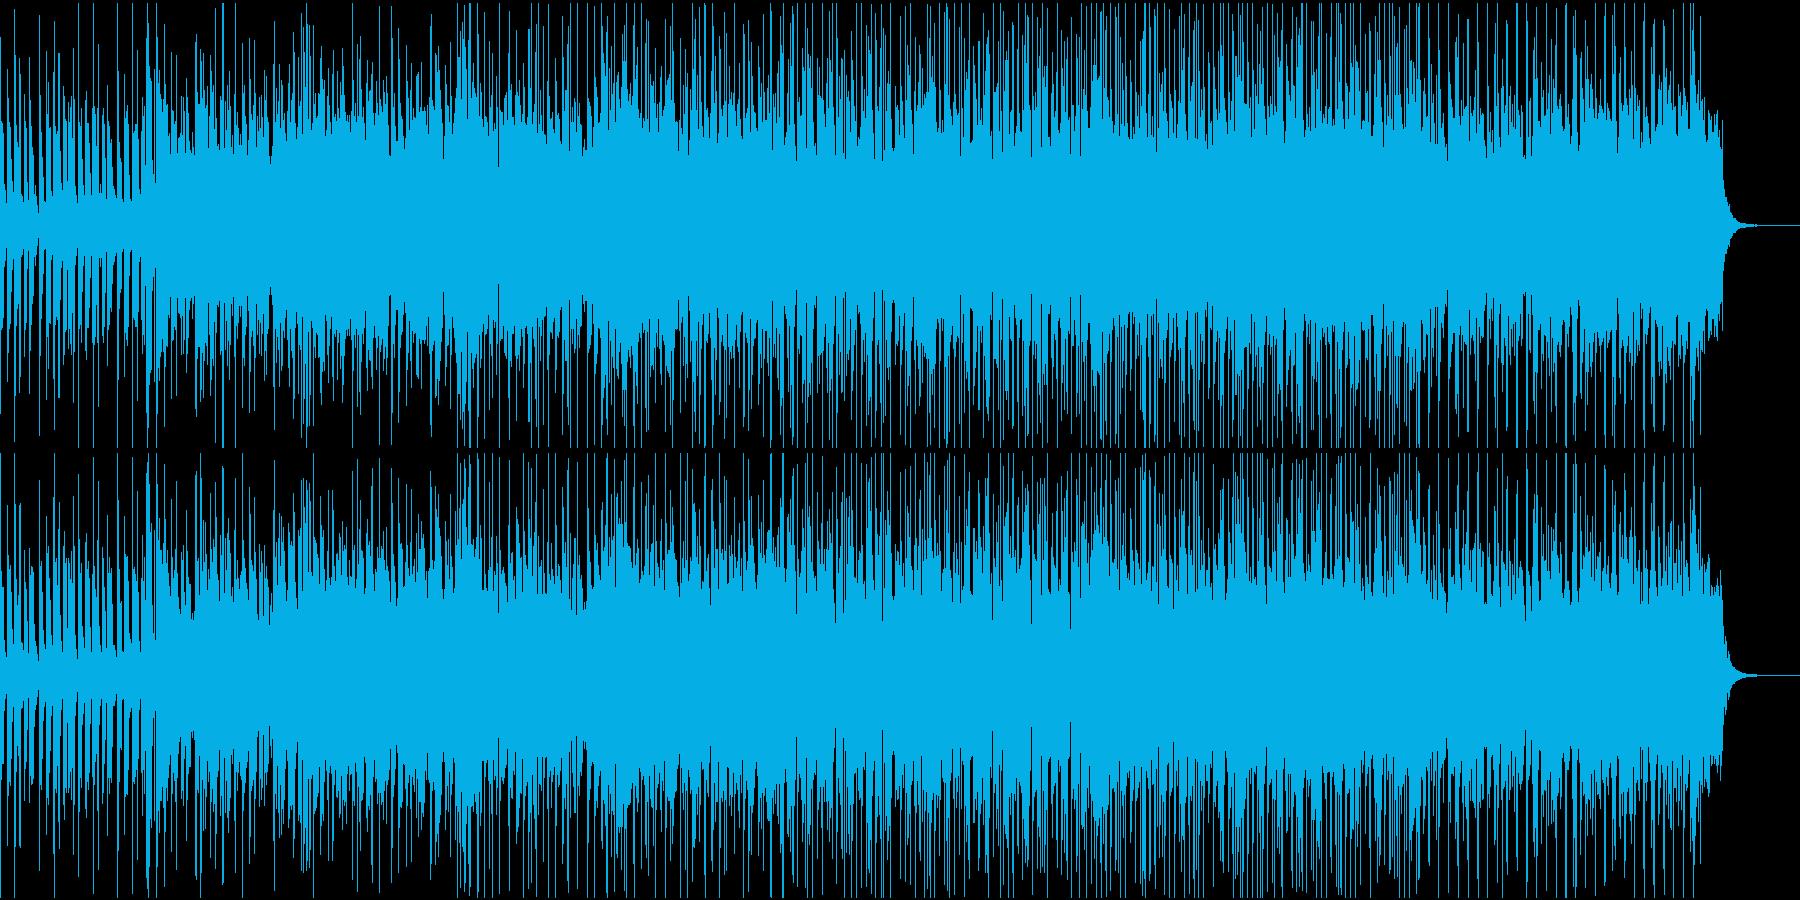 ひっそりとしたい時に聞くようなBGMの再生済みの波形